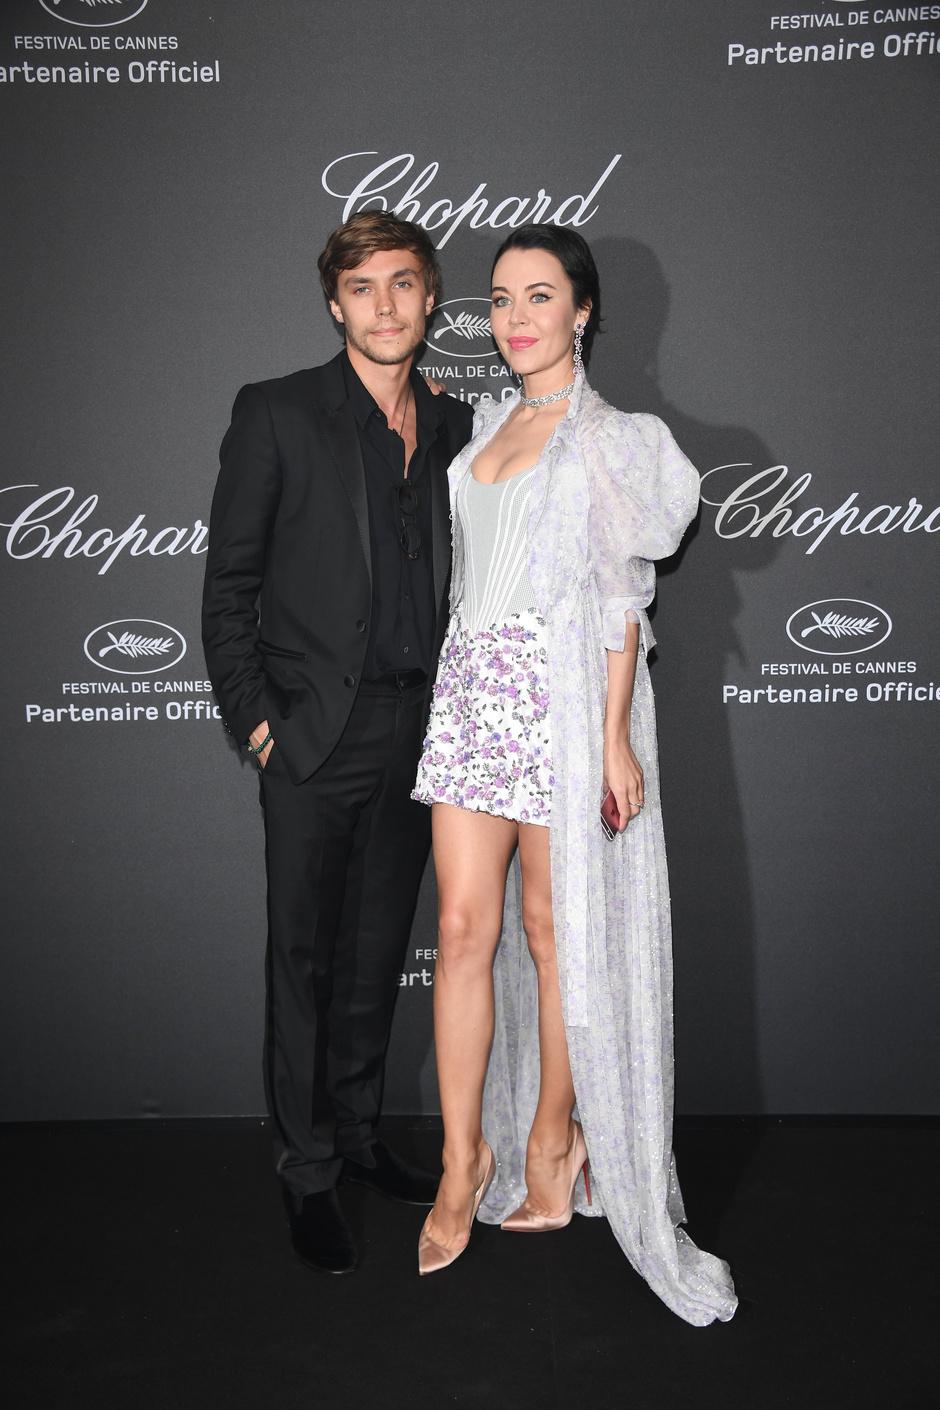 Ульяна и Алехандро Сергеенко